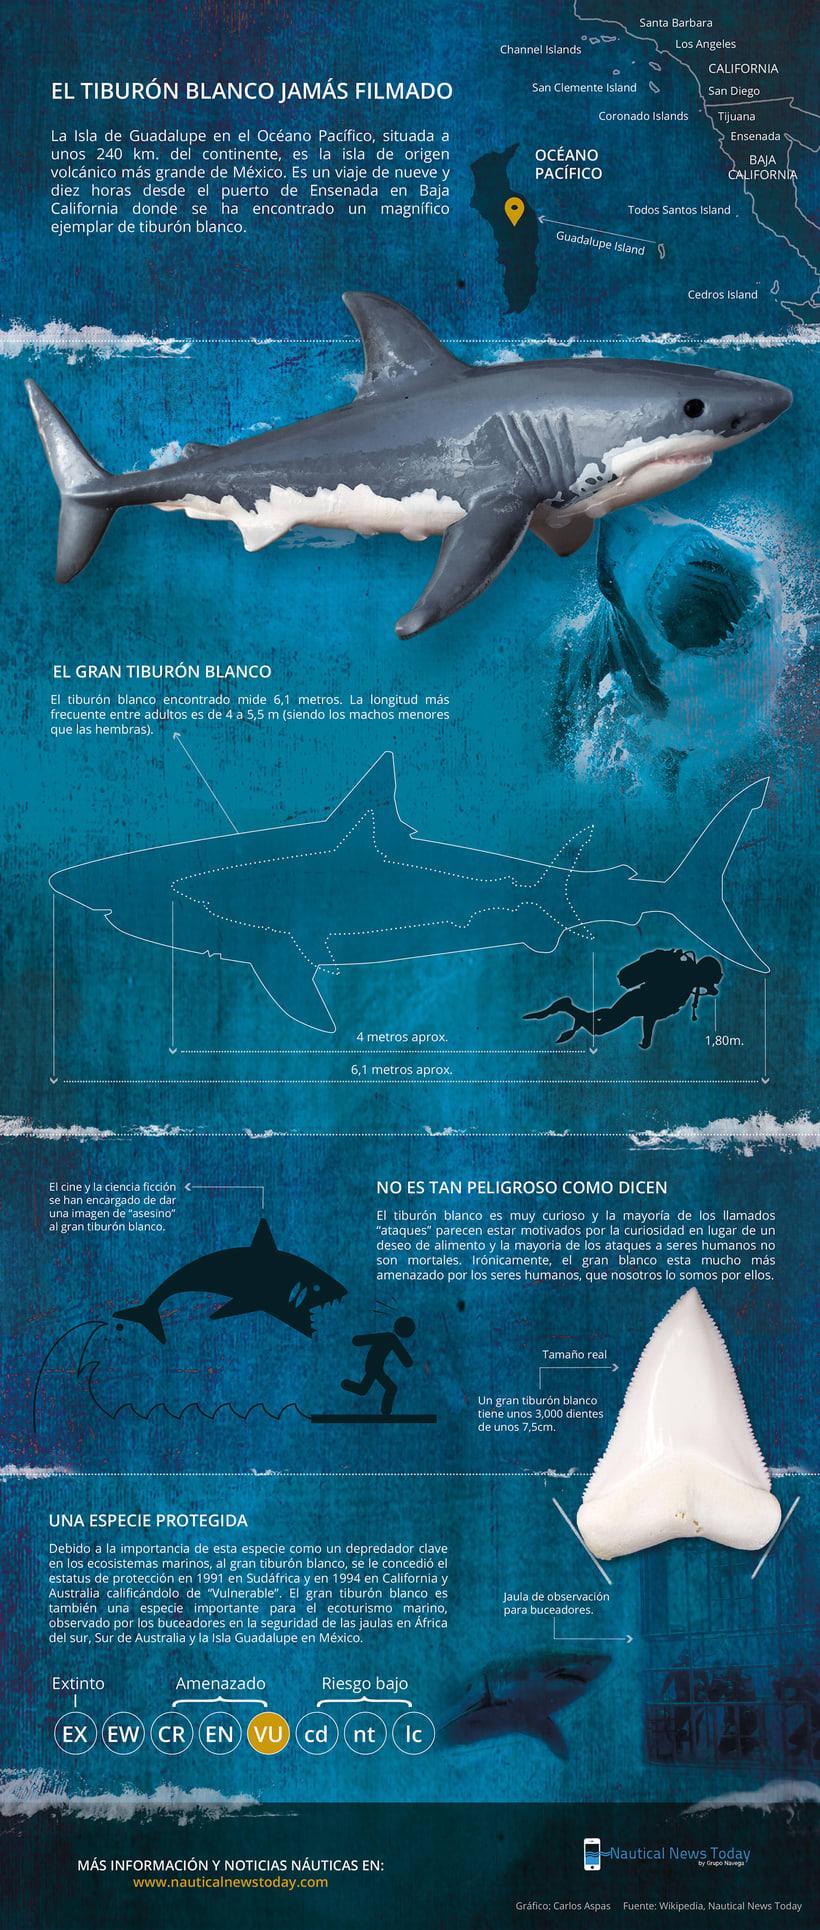 El tiburón blanco jamás filmado -1